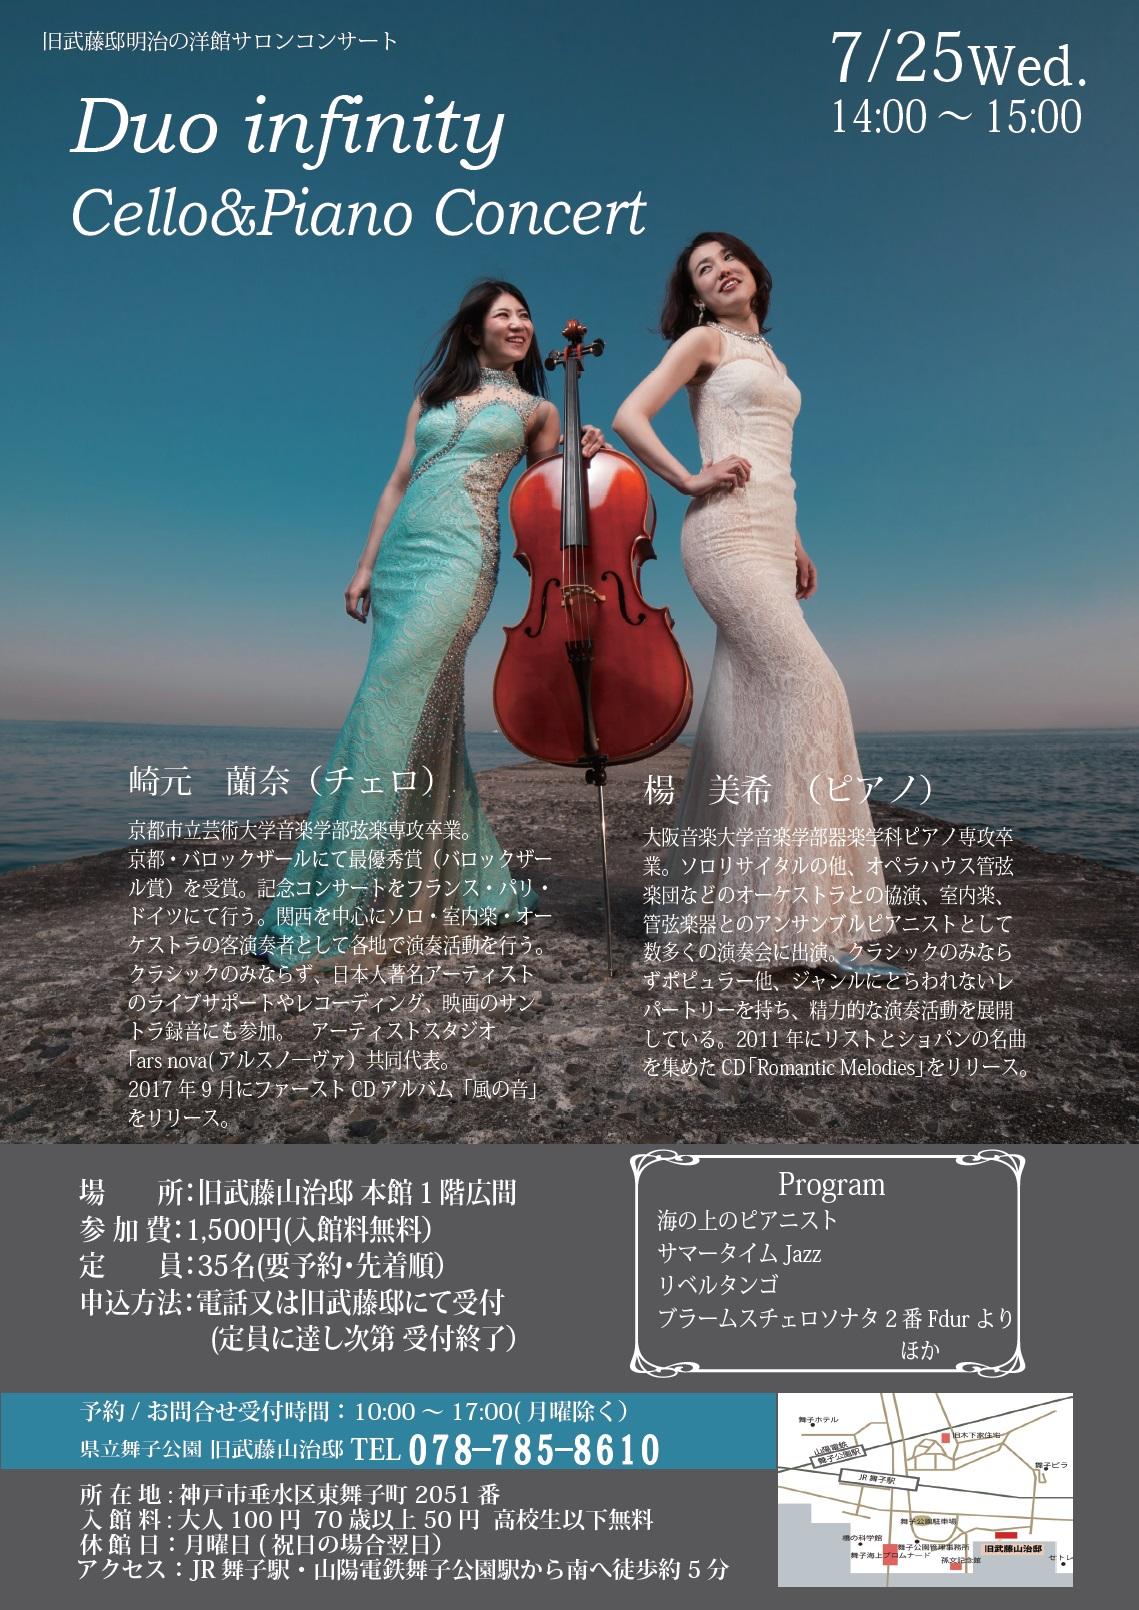 7月25日(水)明治の洋館サロンコンサート Duo infinity  Cello&Piano  Concertのアイキャッチ